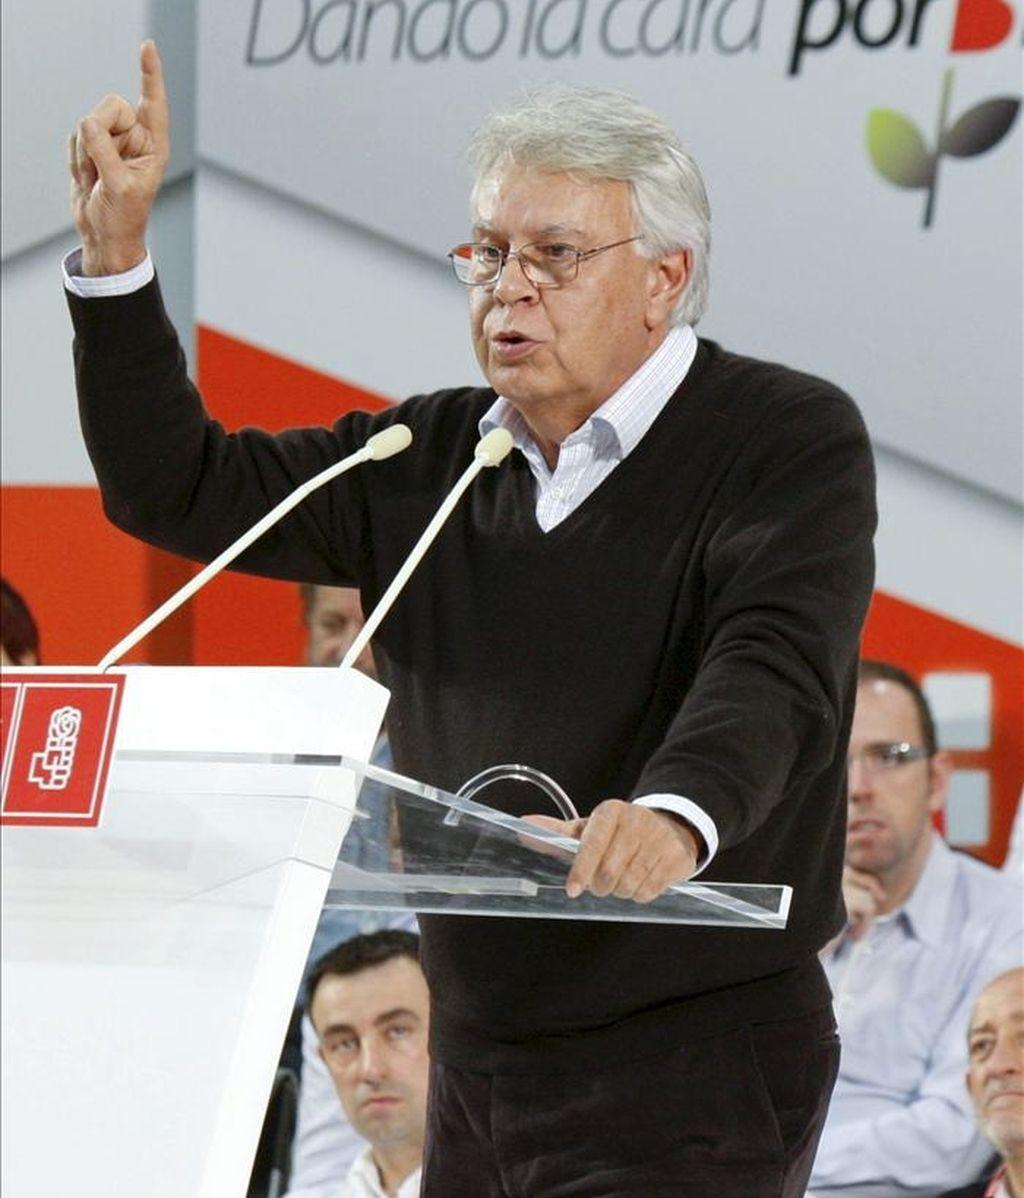 El expresidente del Gobierno, Felipe González, durante su intervención en el acto de campaña electoral que ha celebrado el PSE-EE esta mañana en Barakaldo (Vizcaya). EFE